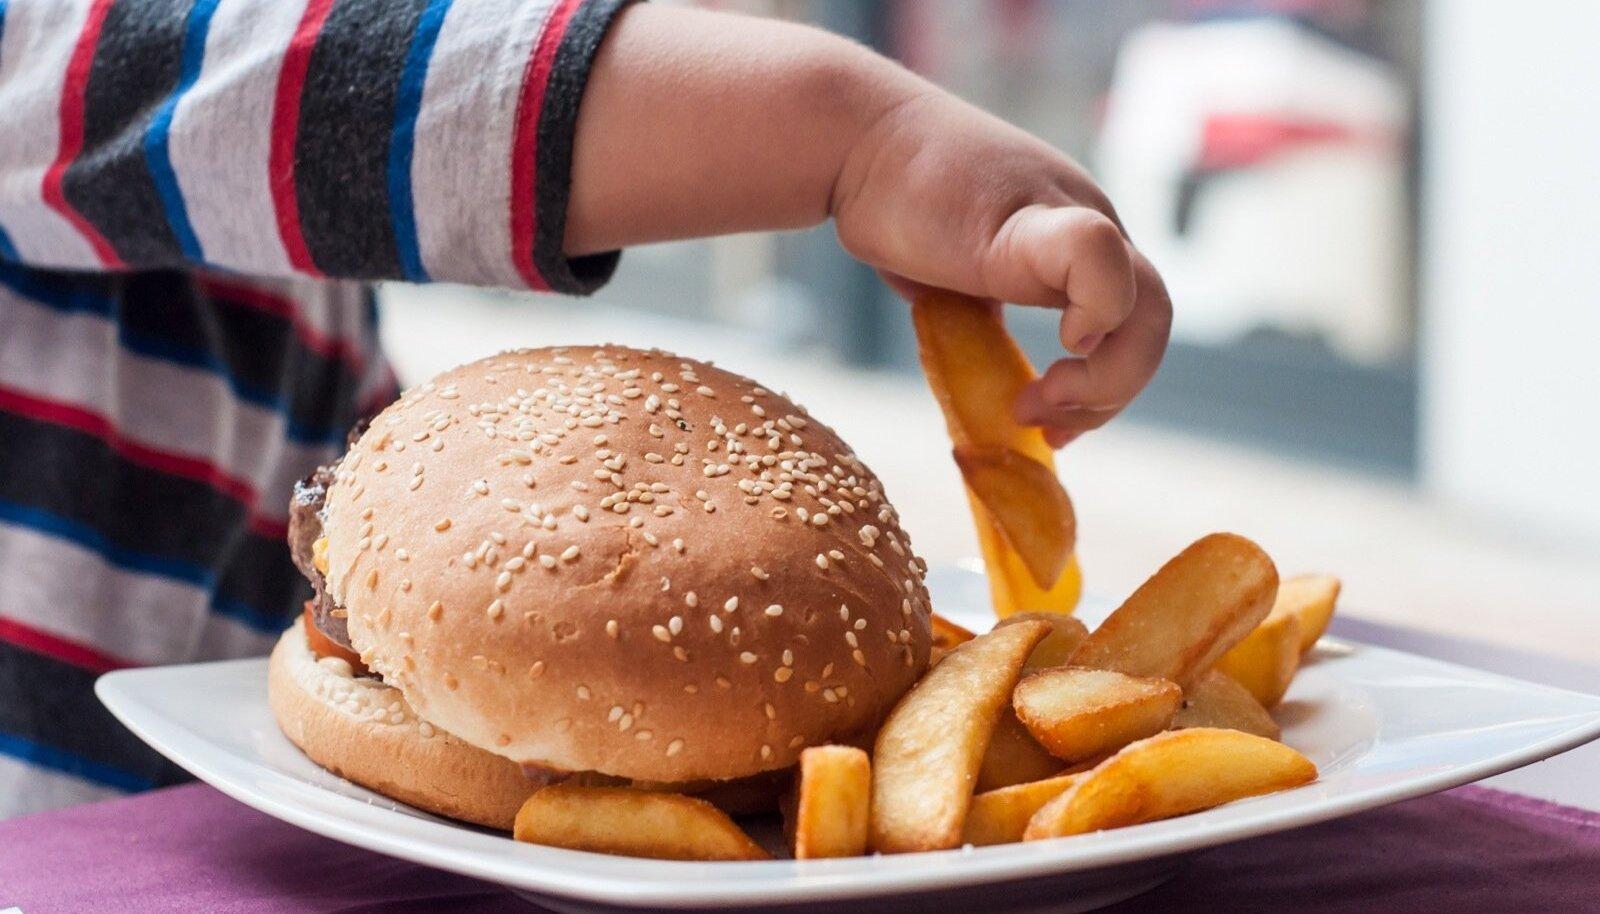 Võrreldes tüdrukutega söövad poisid sagedamini hamburgereid, friikartuleid ja kartulikrõpse, joovad sagedamini karastus- ja energiajooke.